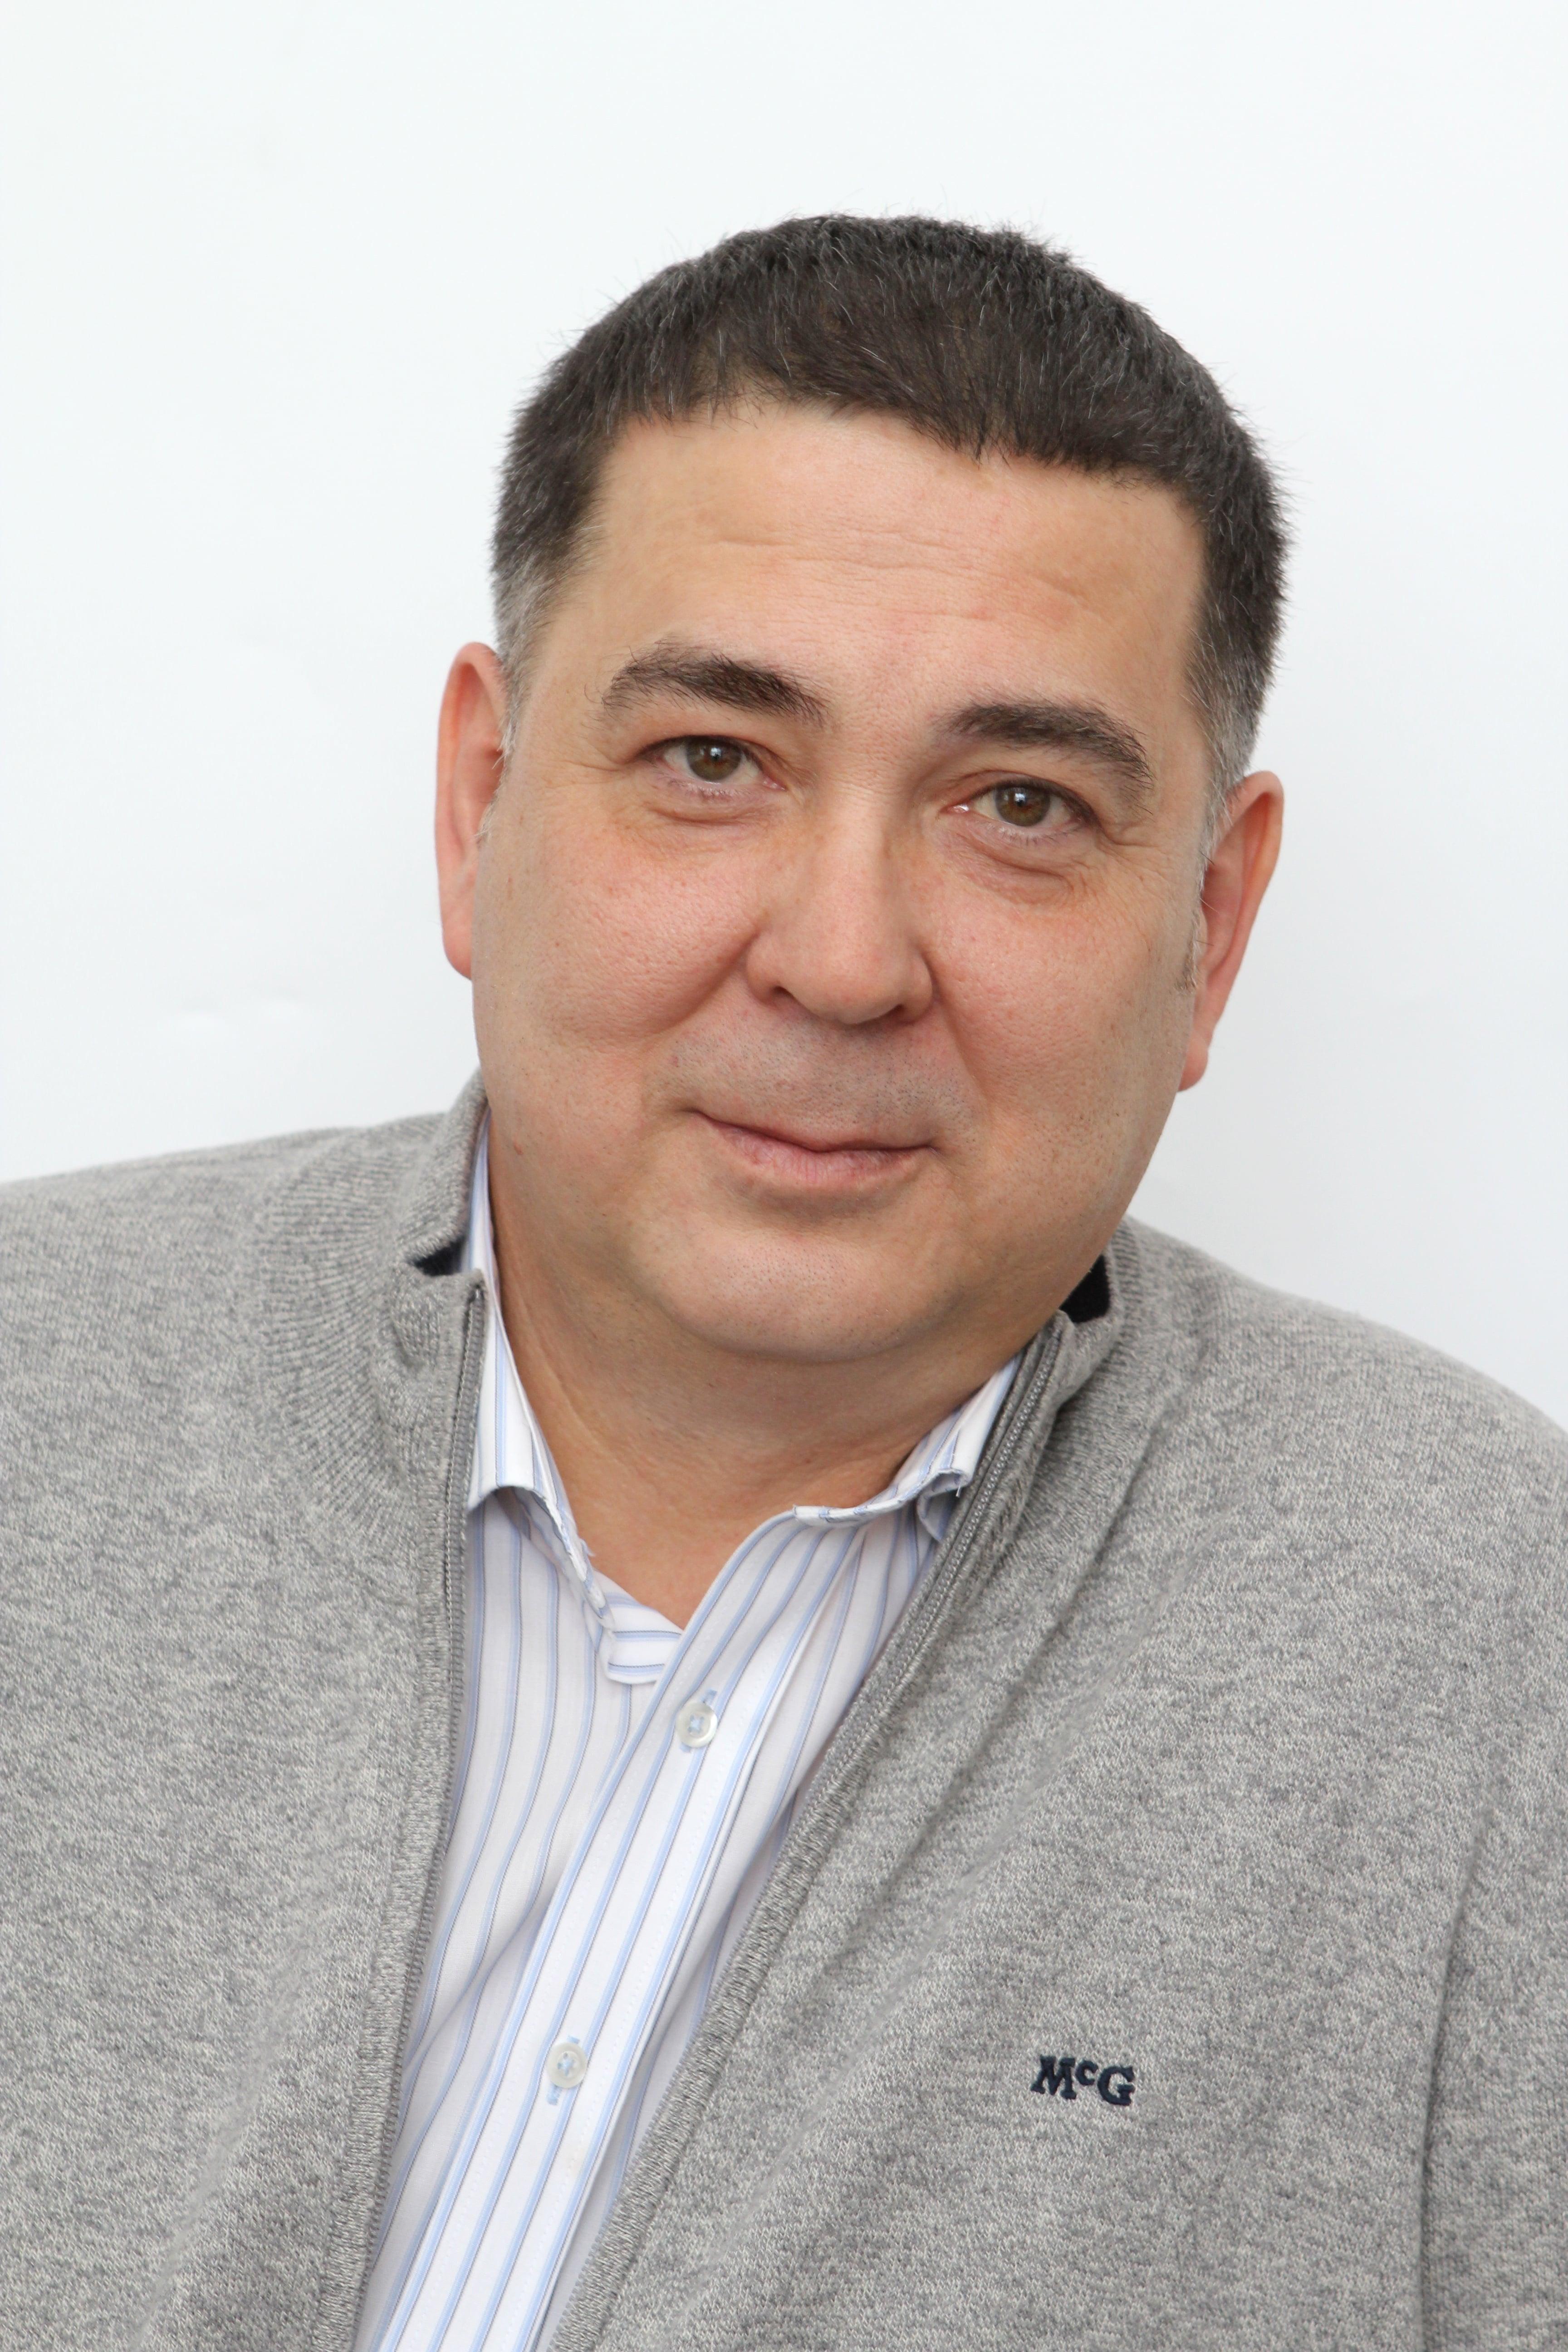 Yagudin Ramil Khaevich